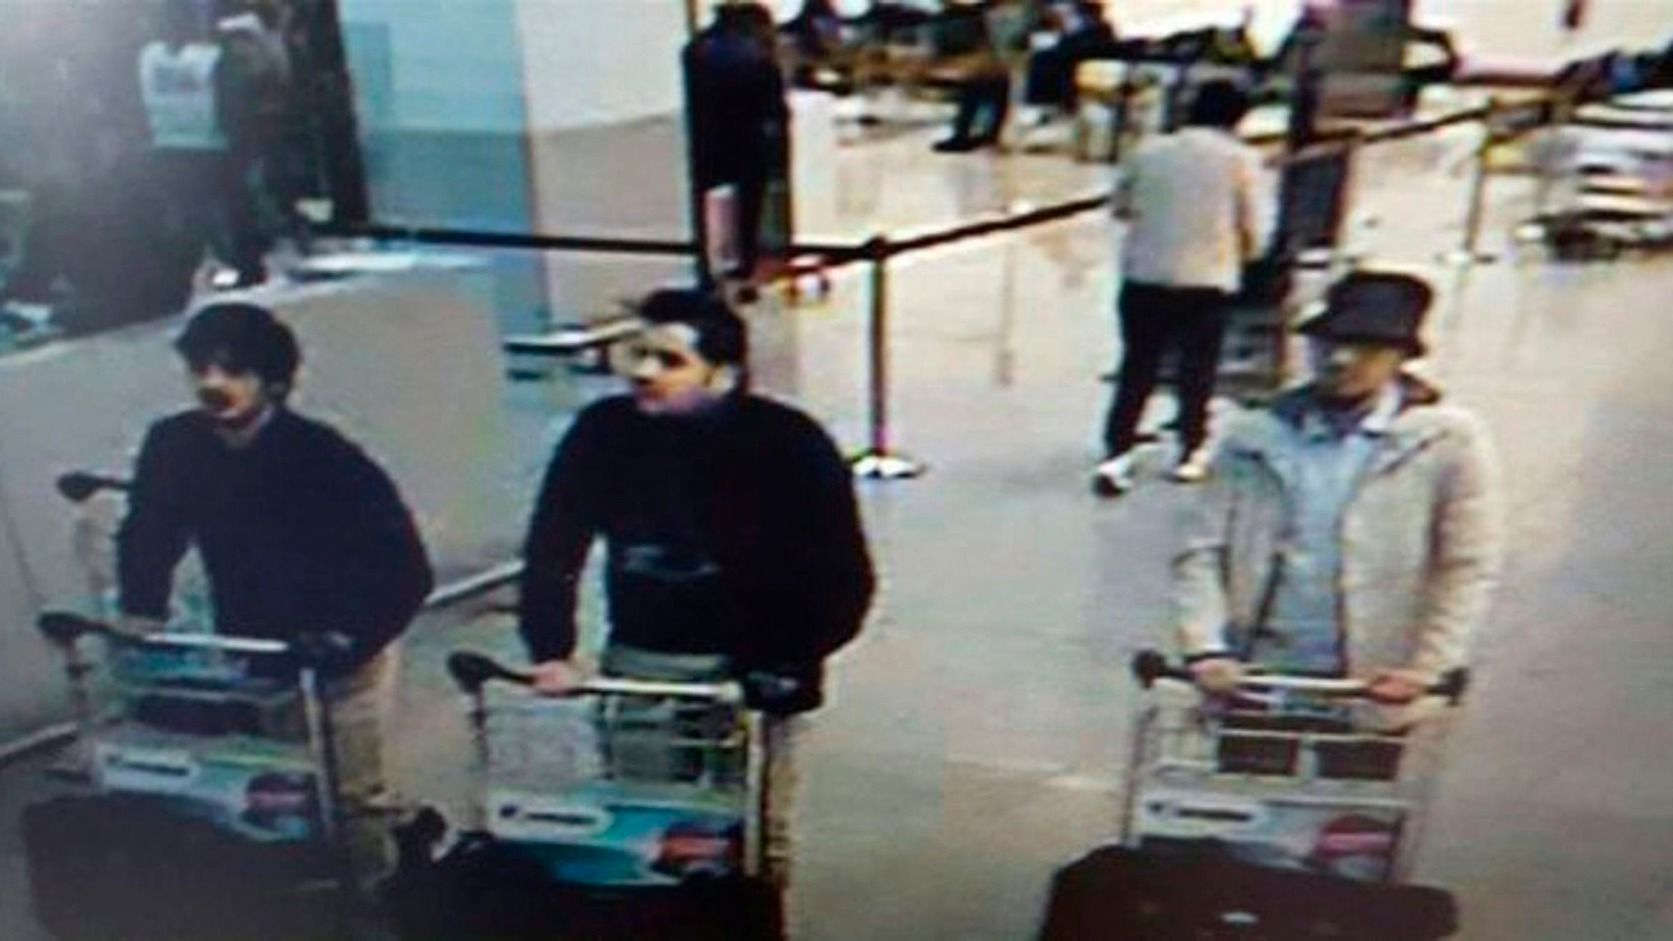 Brüsszel, 2016. március 22. A belga rendőrség által közreadott, a biztonsági kamera felvételéről készített kép, amelyen három gyanúsított látható a brüsszeli Zaventem nemzetközi repülőtéren 2016. március 22-én, mielőtt két pokogép robban a légi kikötőben. A belga fővárosban az európai uniós intézmények közelében lévő metróállomáson is robbantásos merényletet hajtottak végre feltehetőleg az Iszlám Állam dzsihadista szervezet terroristái. A merényletek következtében legalább harmincnégy ember…